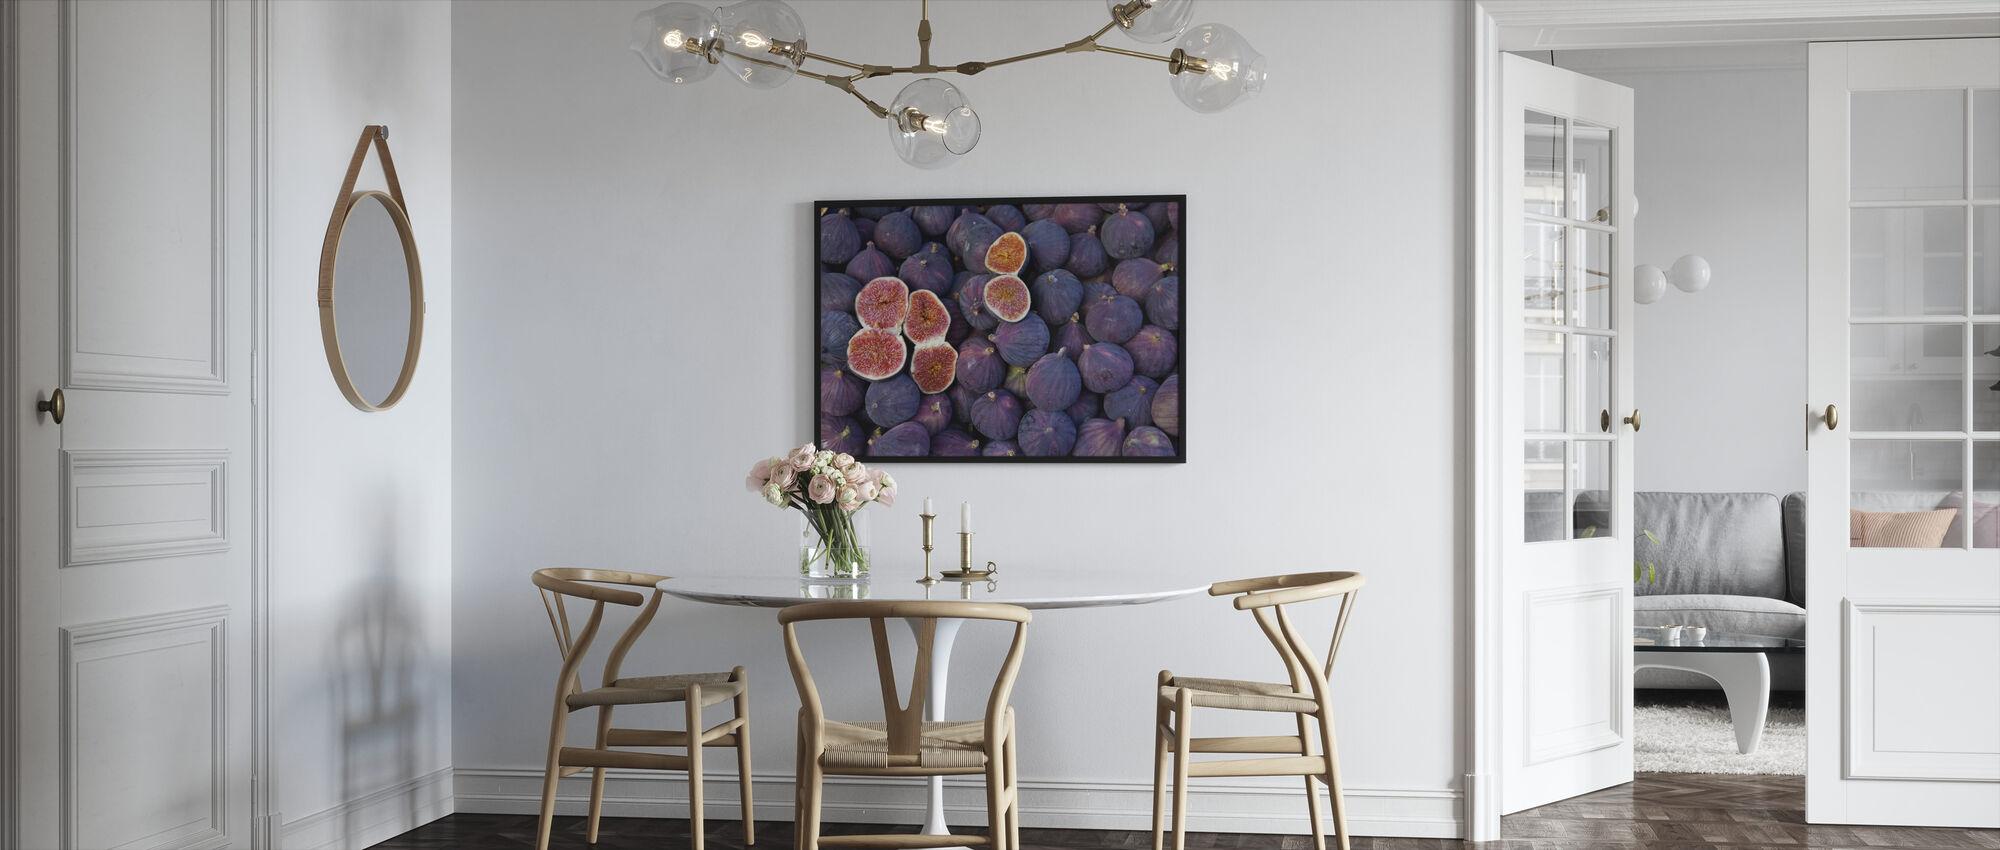 smukke Figner - Indrammet billede - Køkken